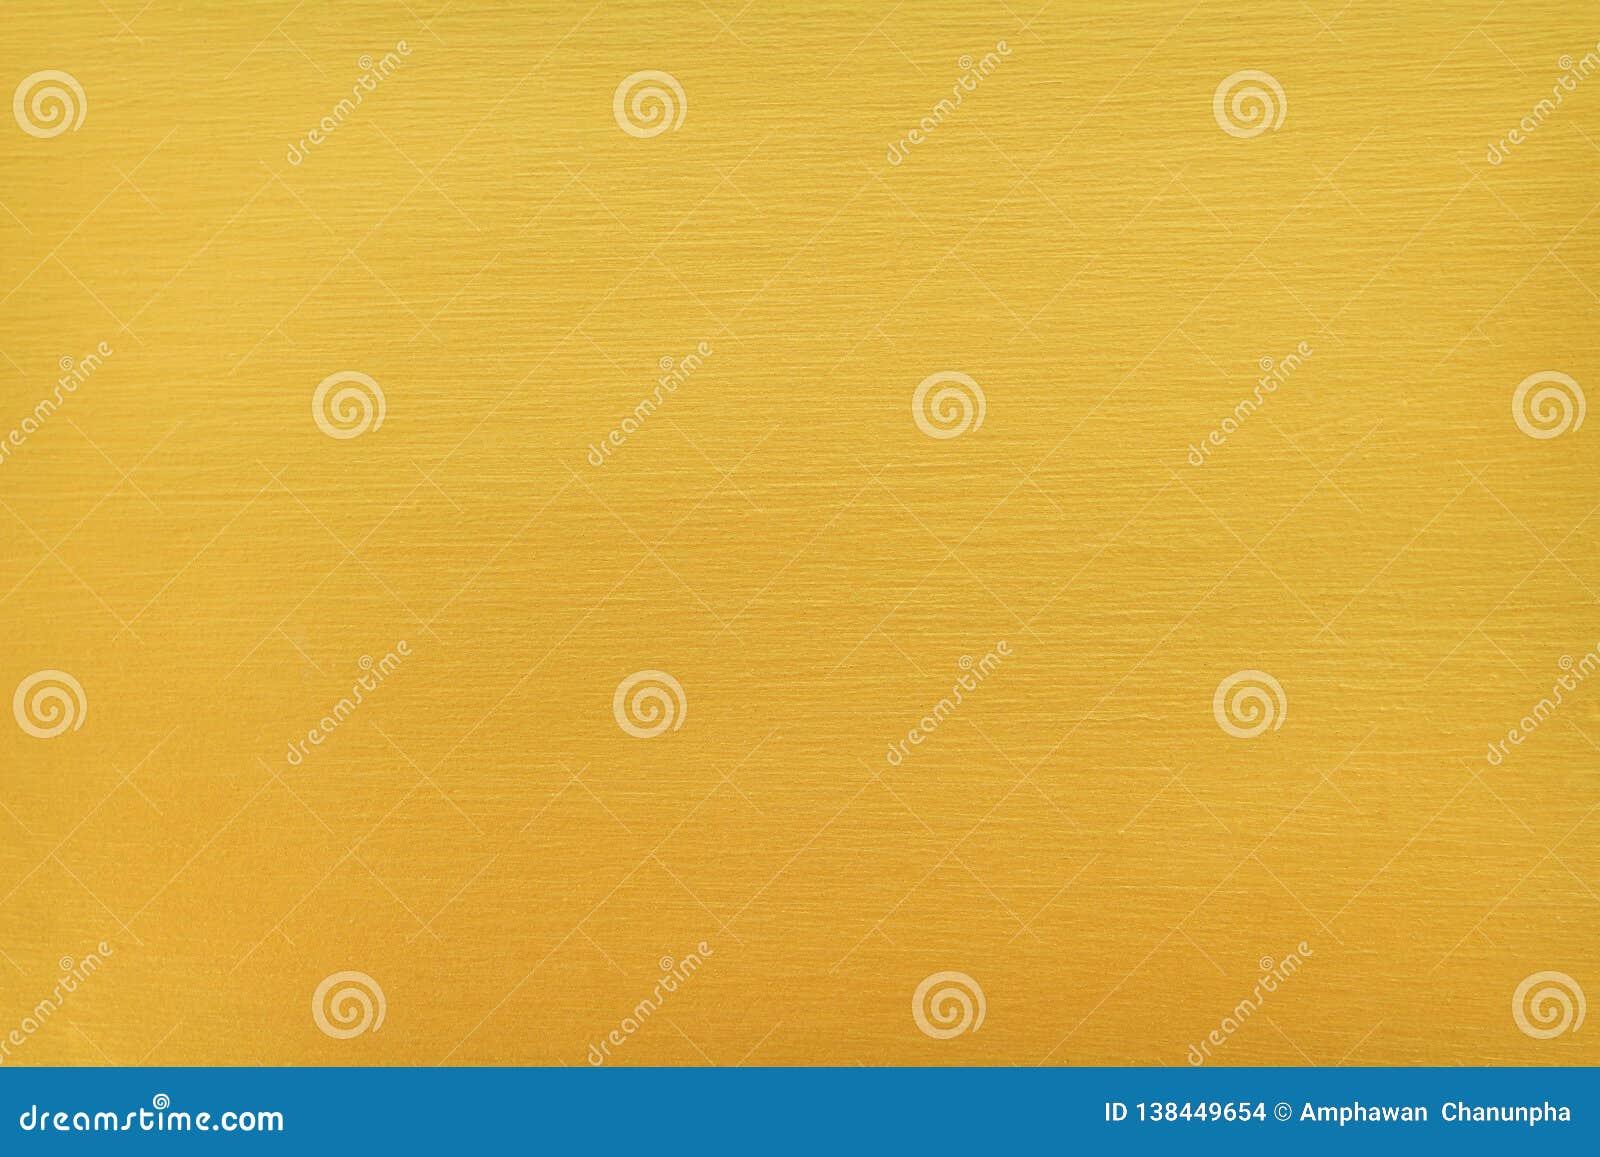 Decoratieve lichte gouden verf op concrete de textuursamenvatting van muurpatronen voor achtergrond